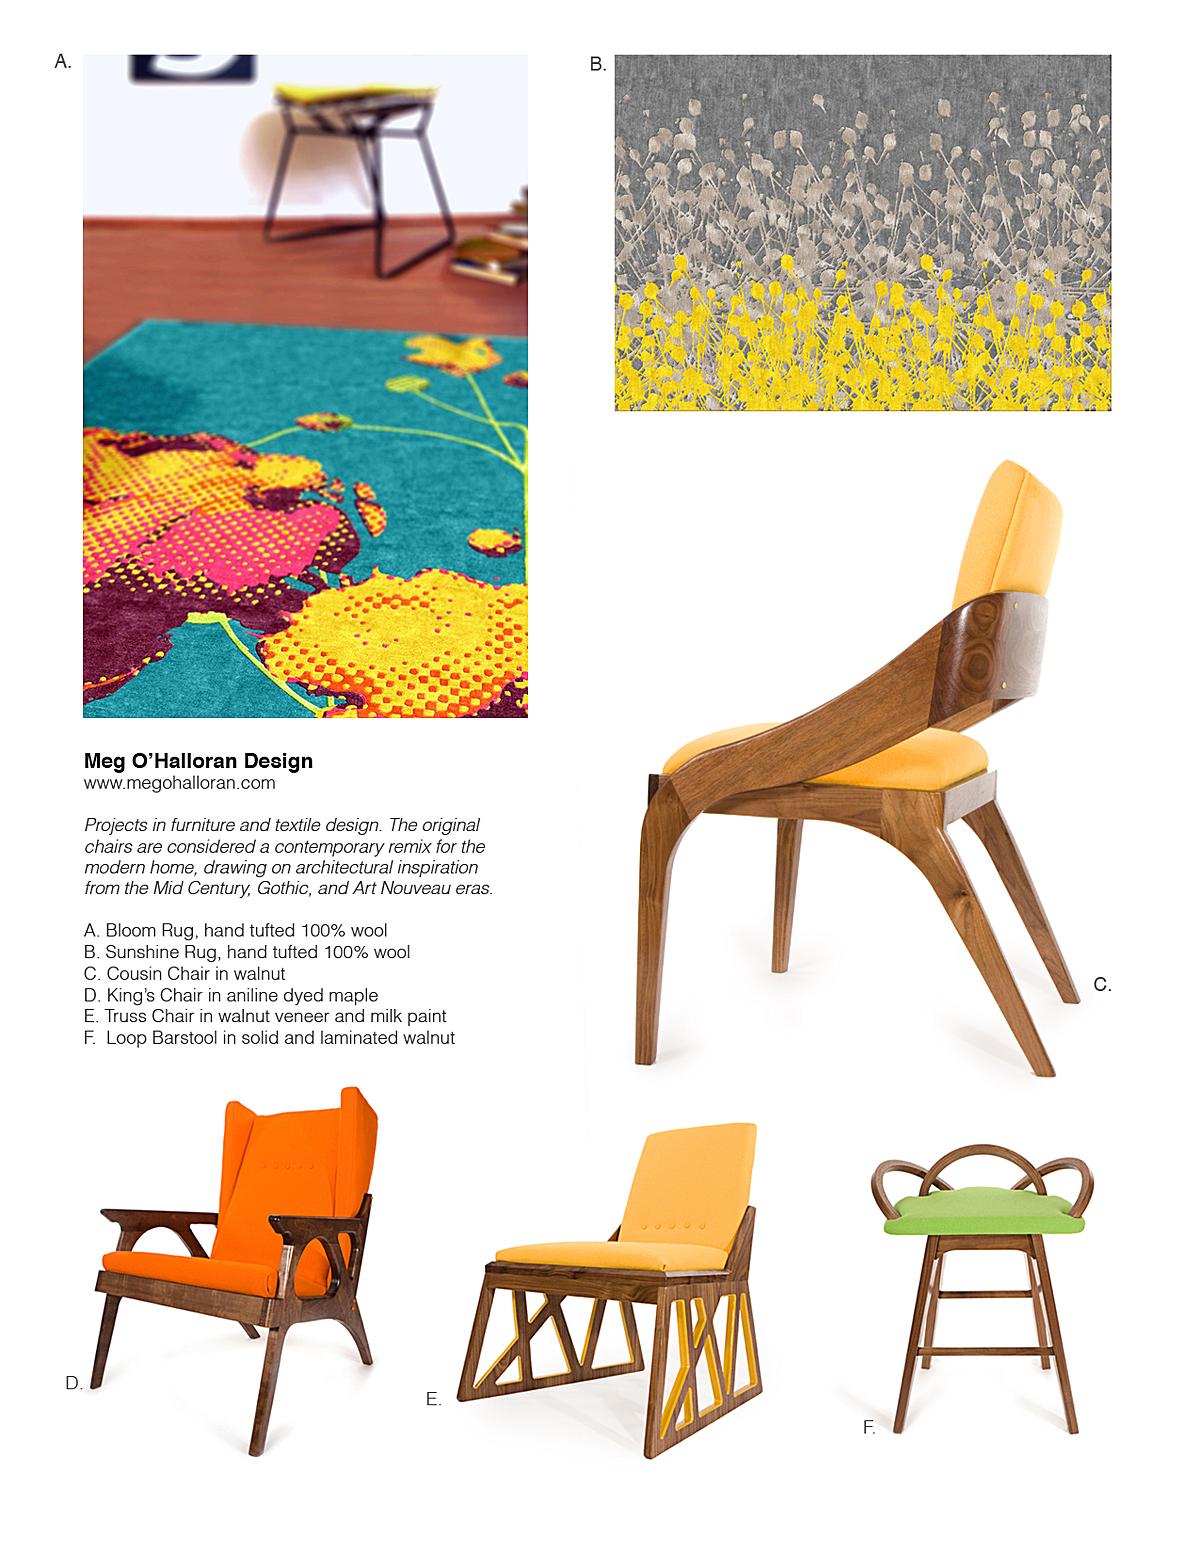 Original Furniture and Textile Design